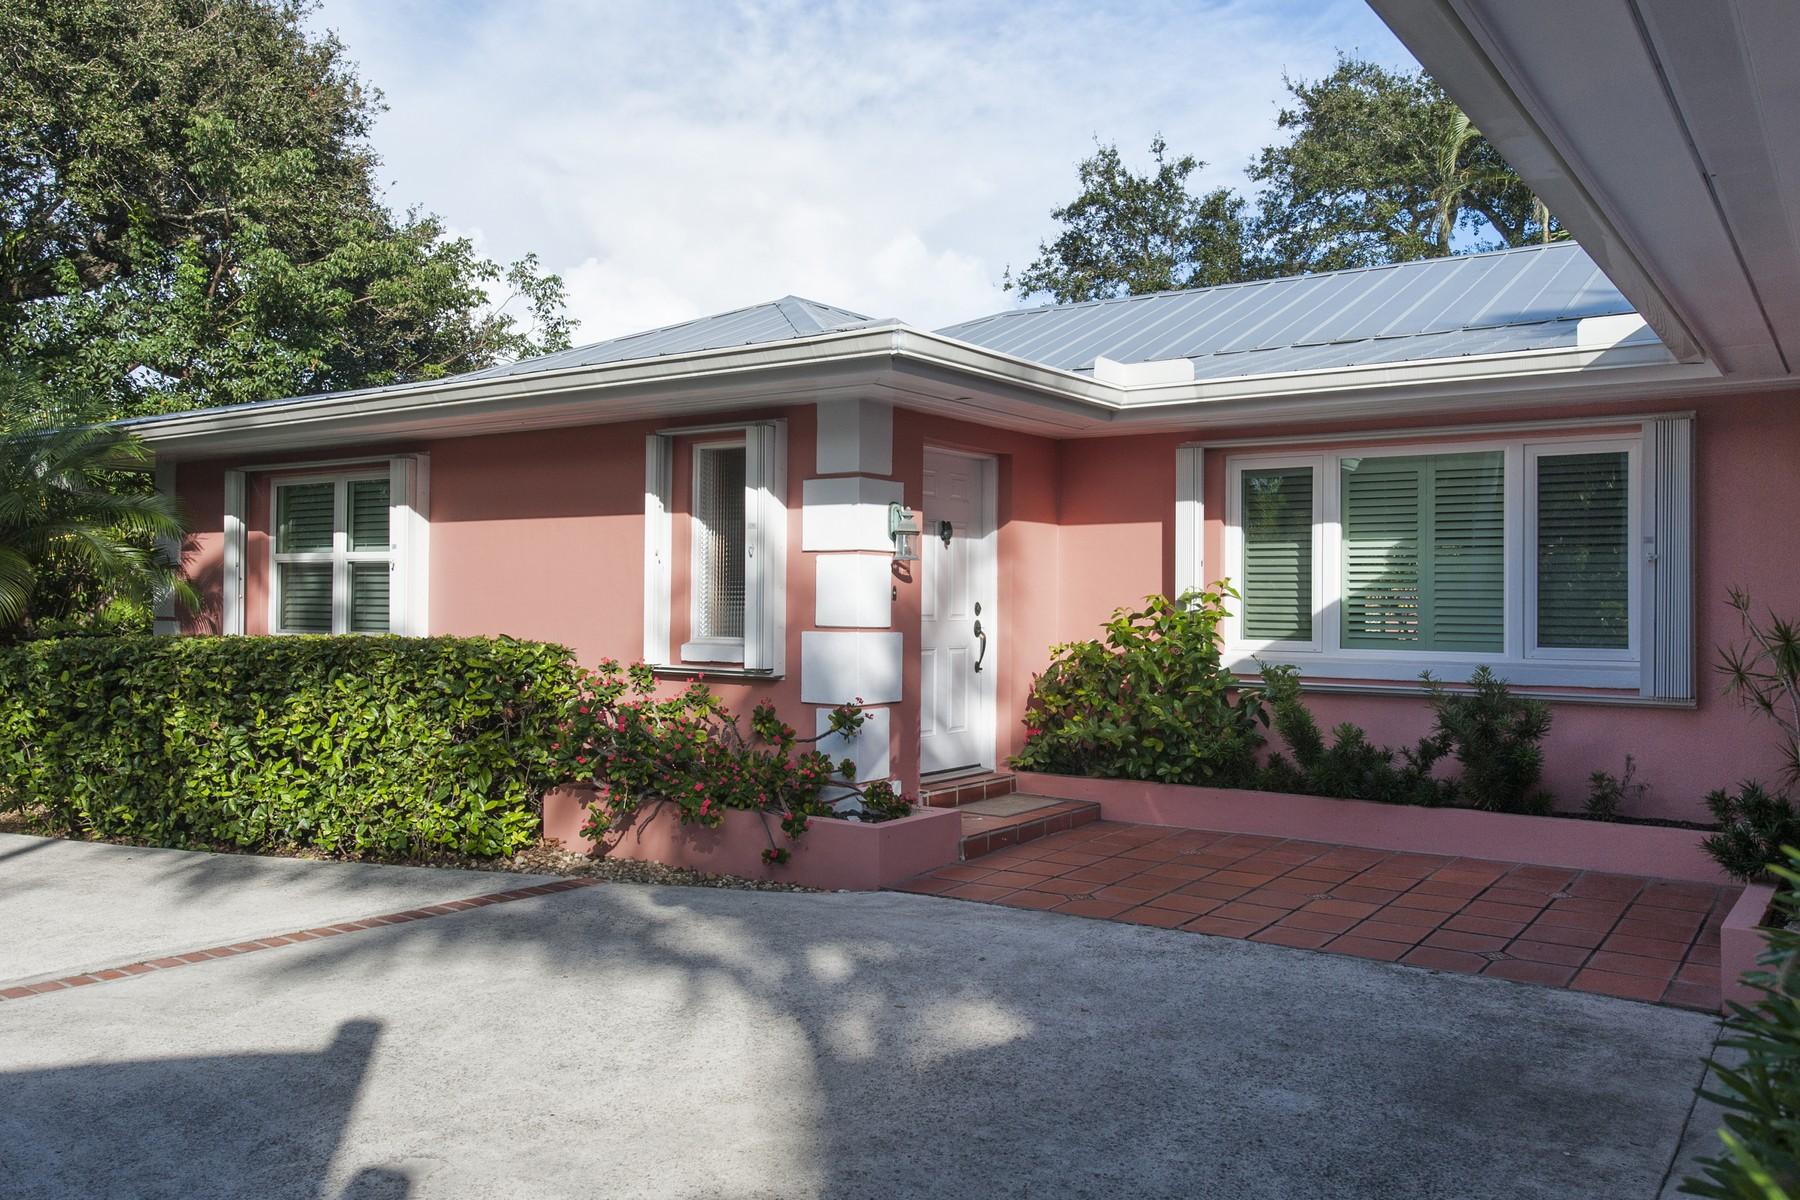 一戸建て のために 売買 アット Live 2 Blocks From Beach in Bethel Isle 4702 Sunset Drive Vero Beach, フロリダ 32963 アメリカ合衆国